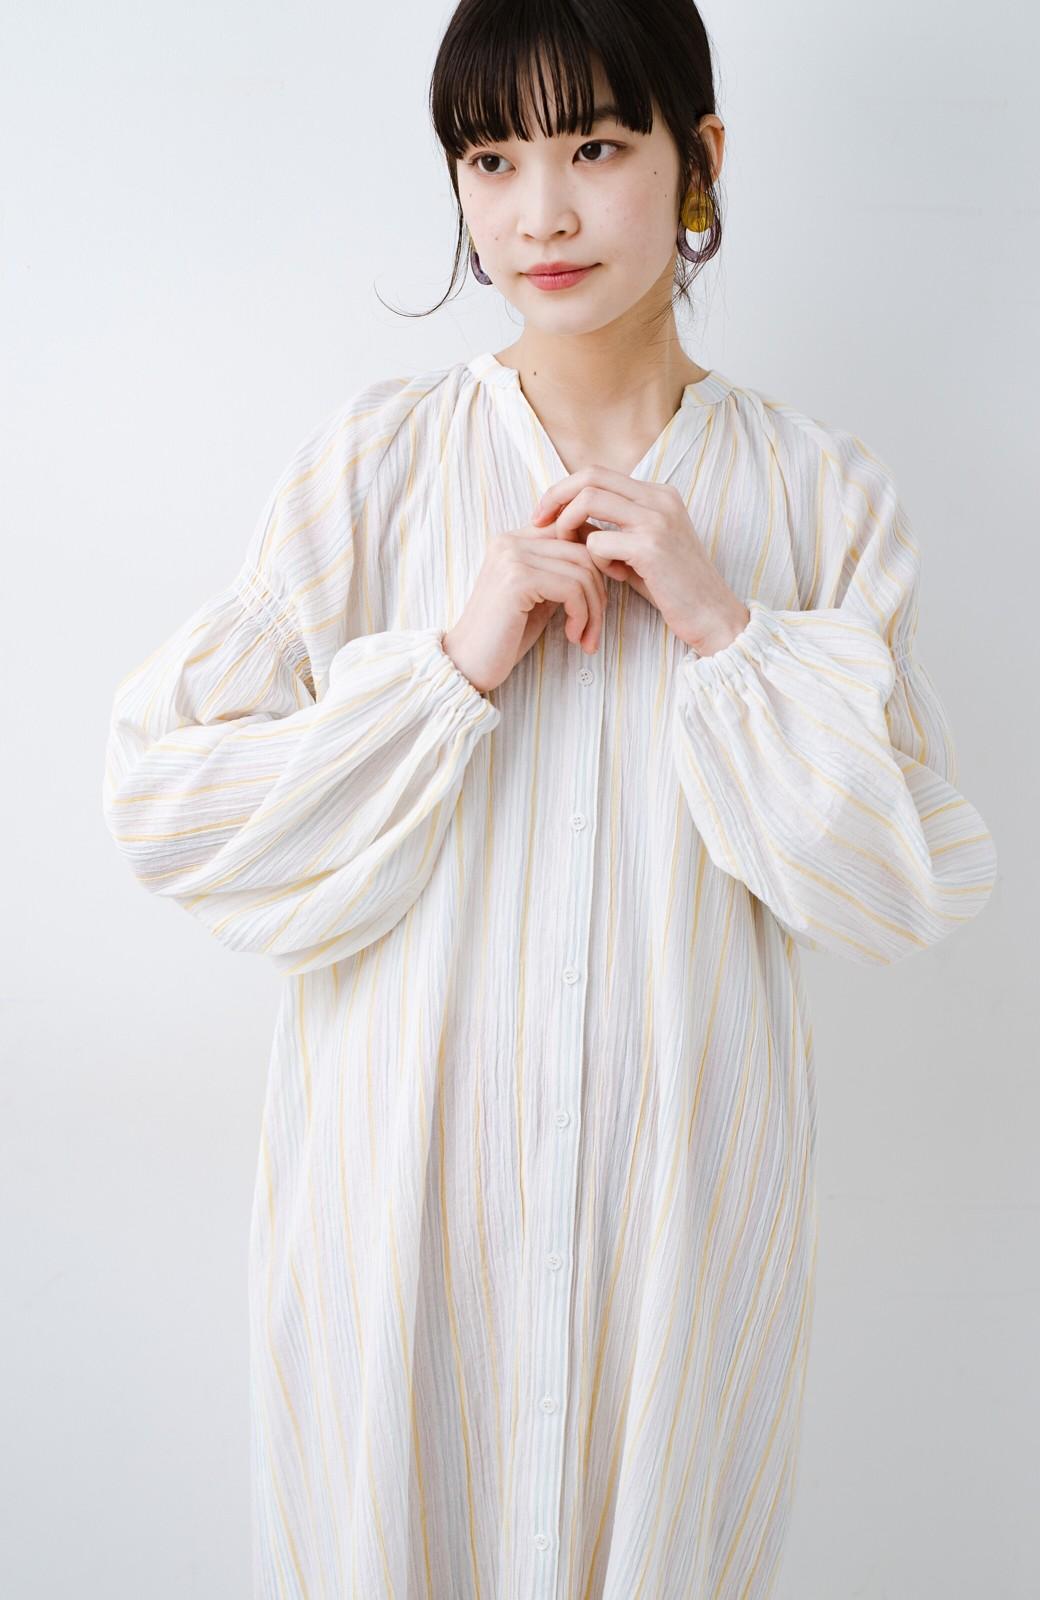 haco! haco! 時間のない朝でも気分の上がる コーデがパッと完成する 羽織にもなるやわらか楊柳素材のストライプワンピース <ホワイト×イエロー>の商品写真19